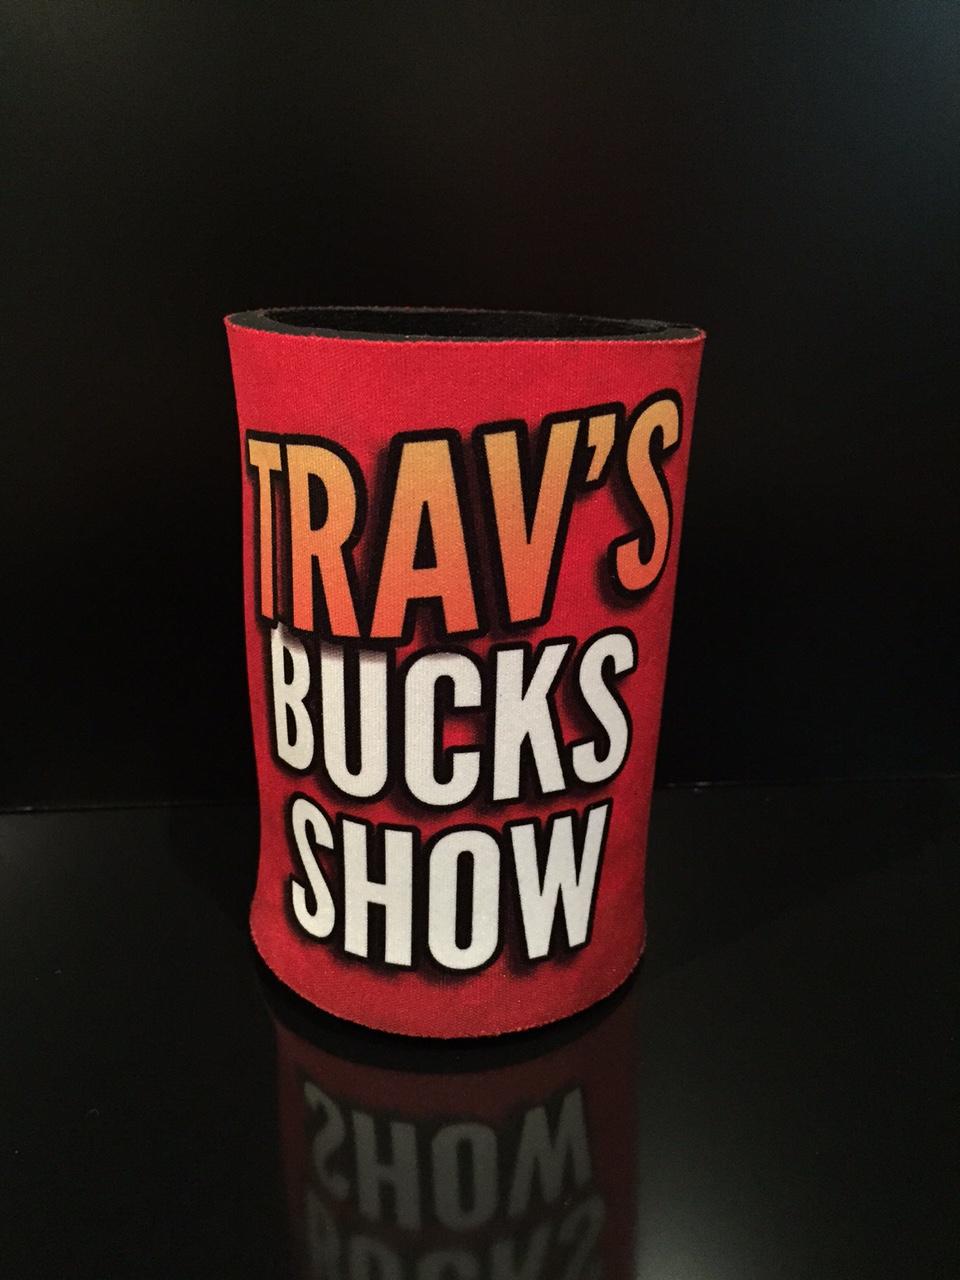 Trav's Buck Show